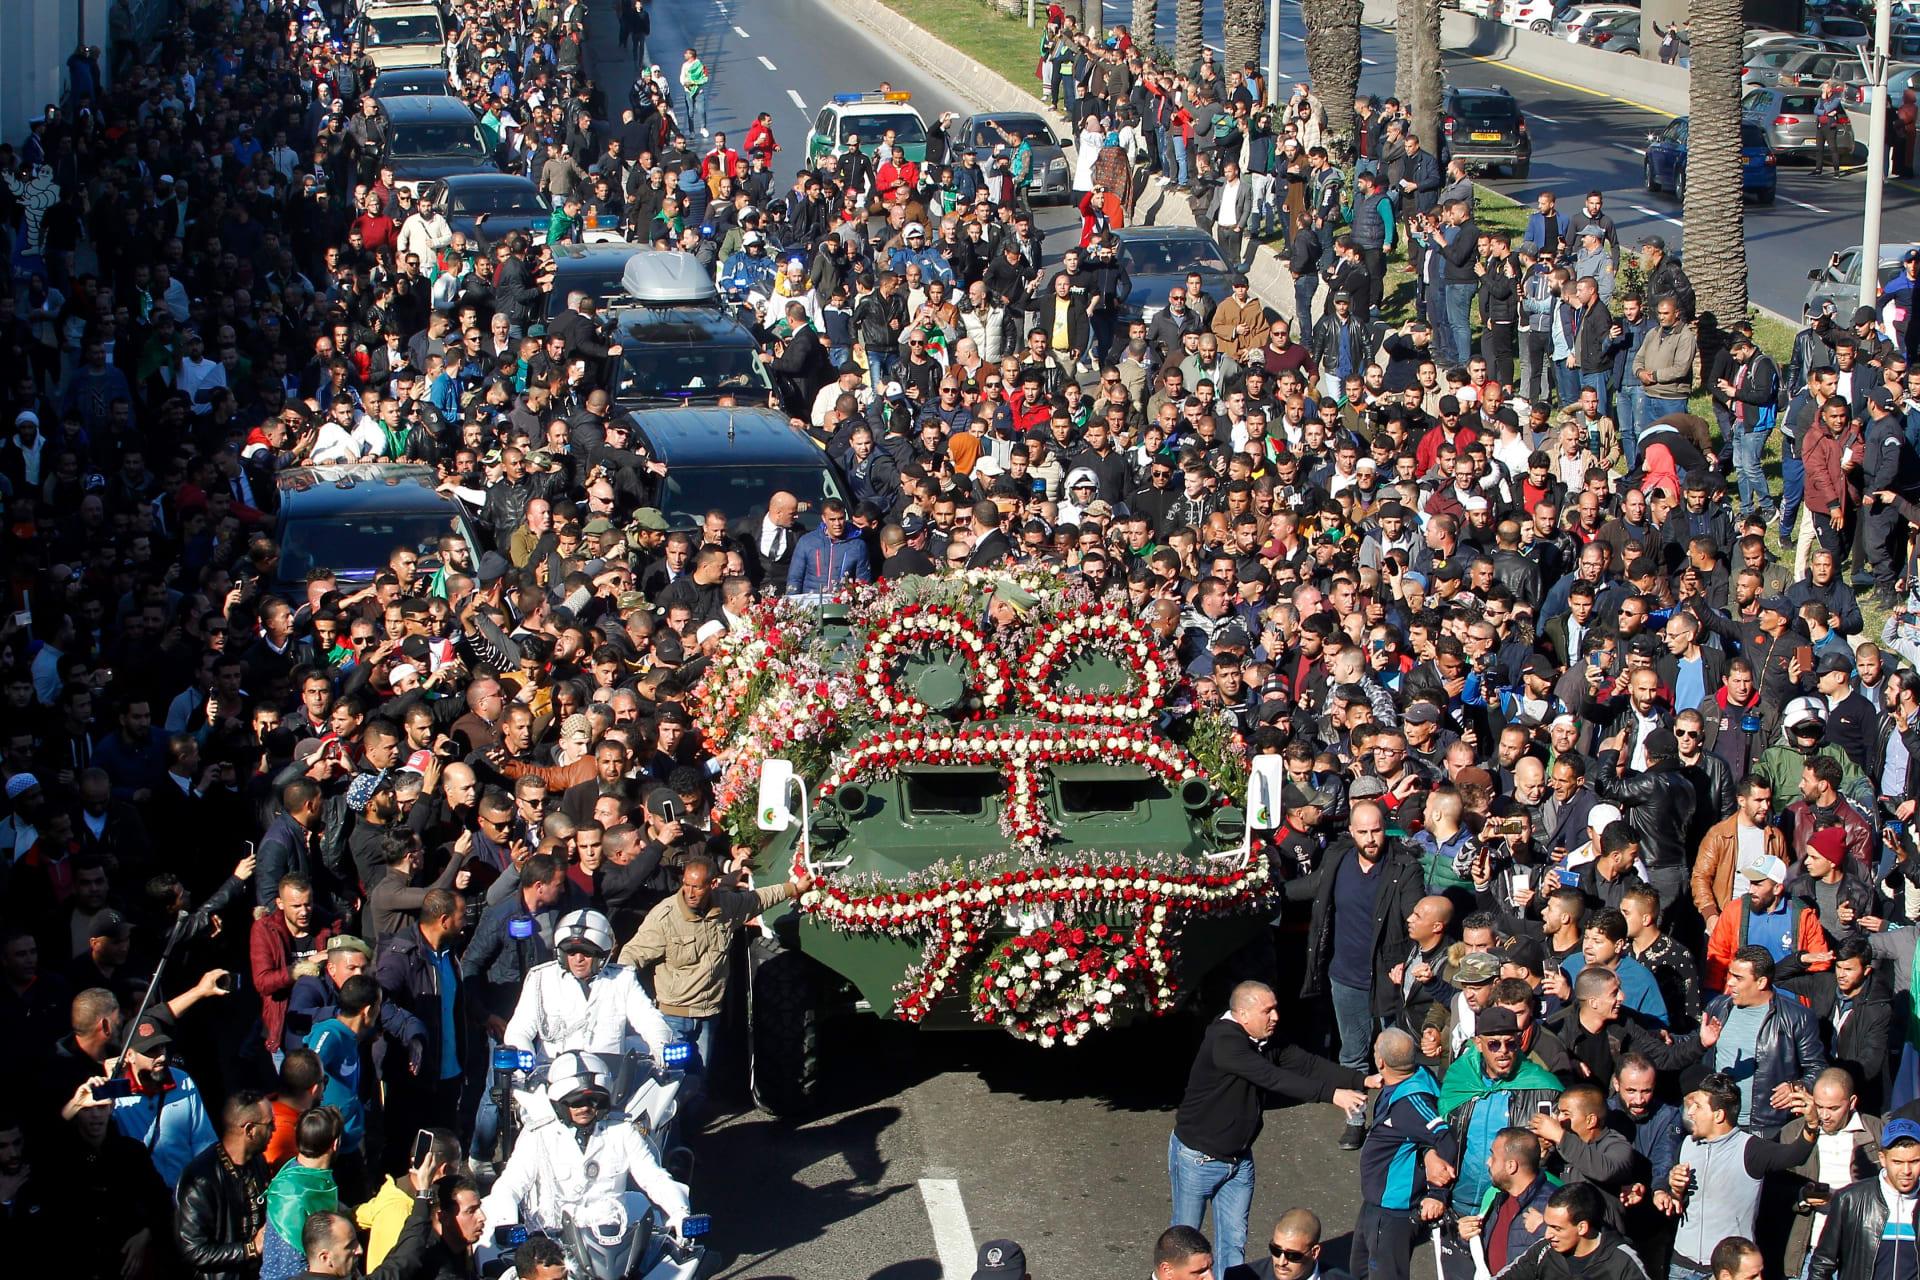 الآلاف يشاركون في جنازة رئيس أركان الجيش الجزائري